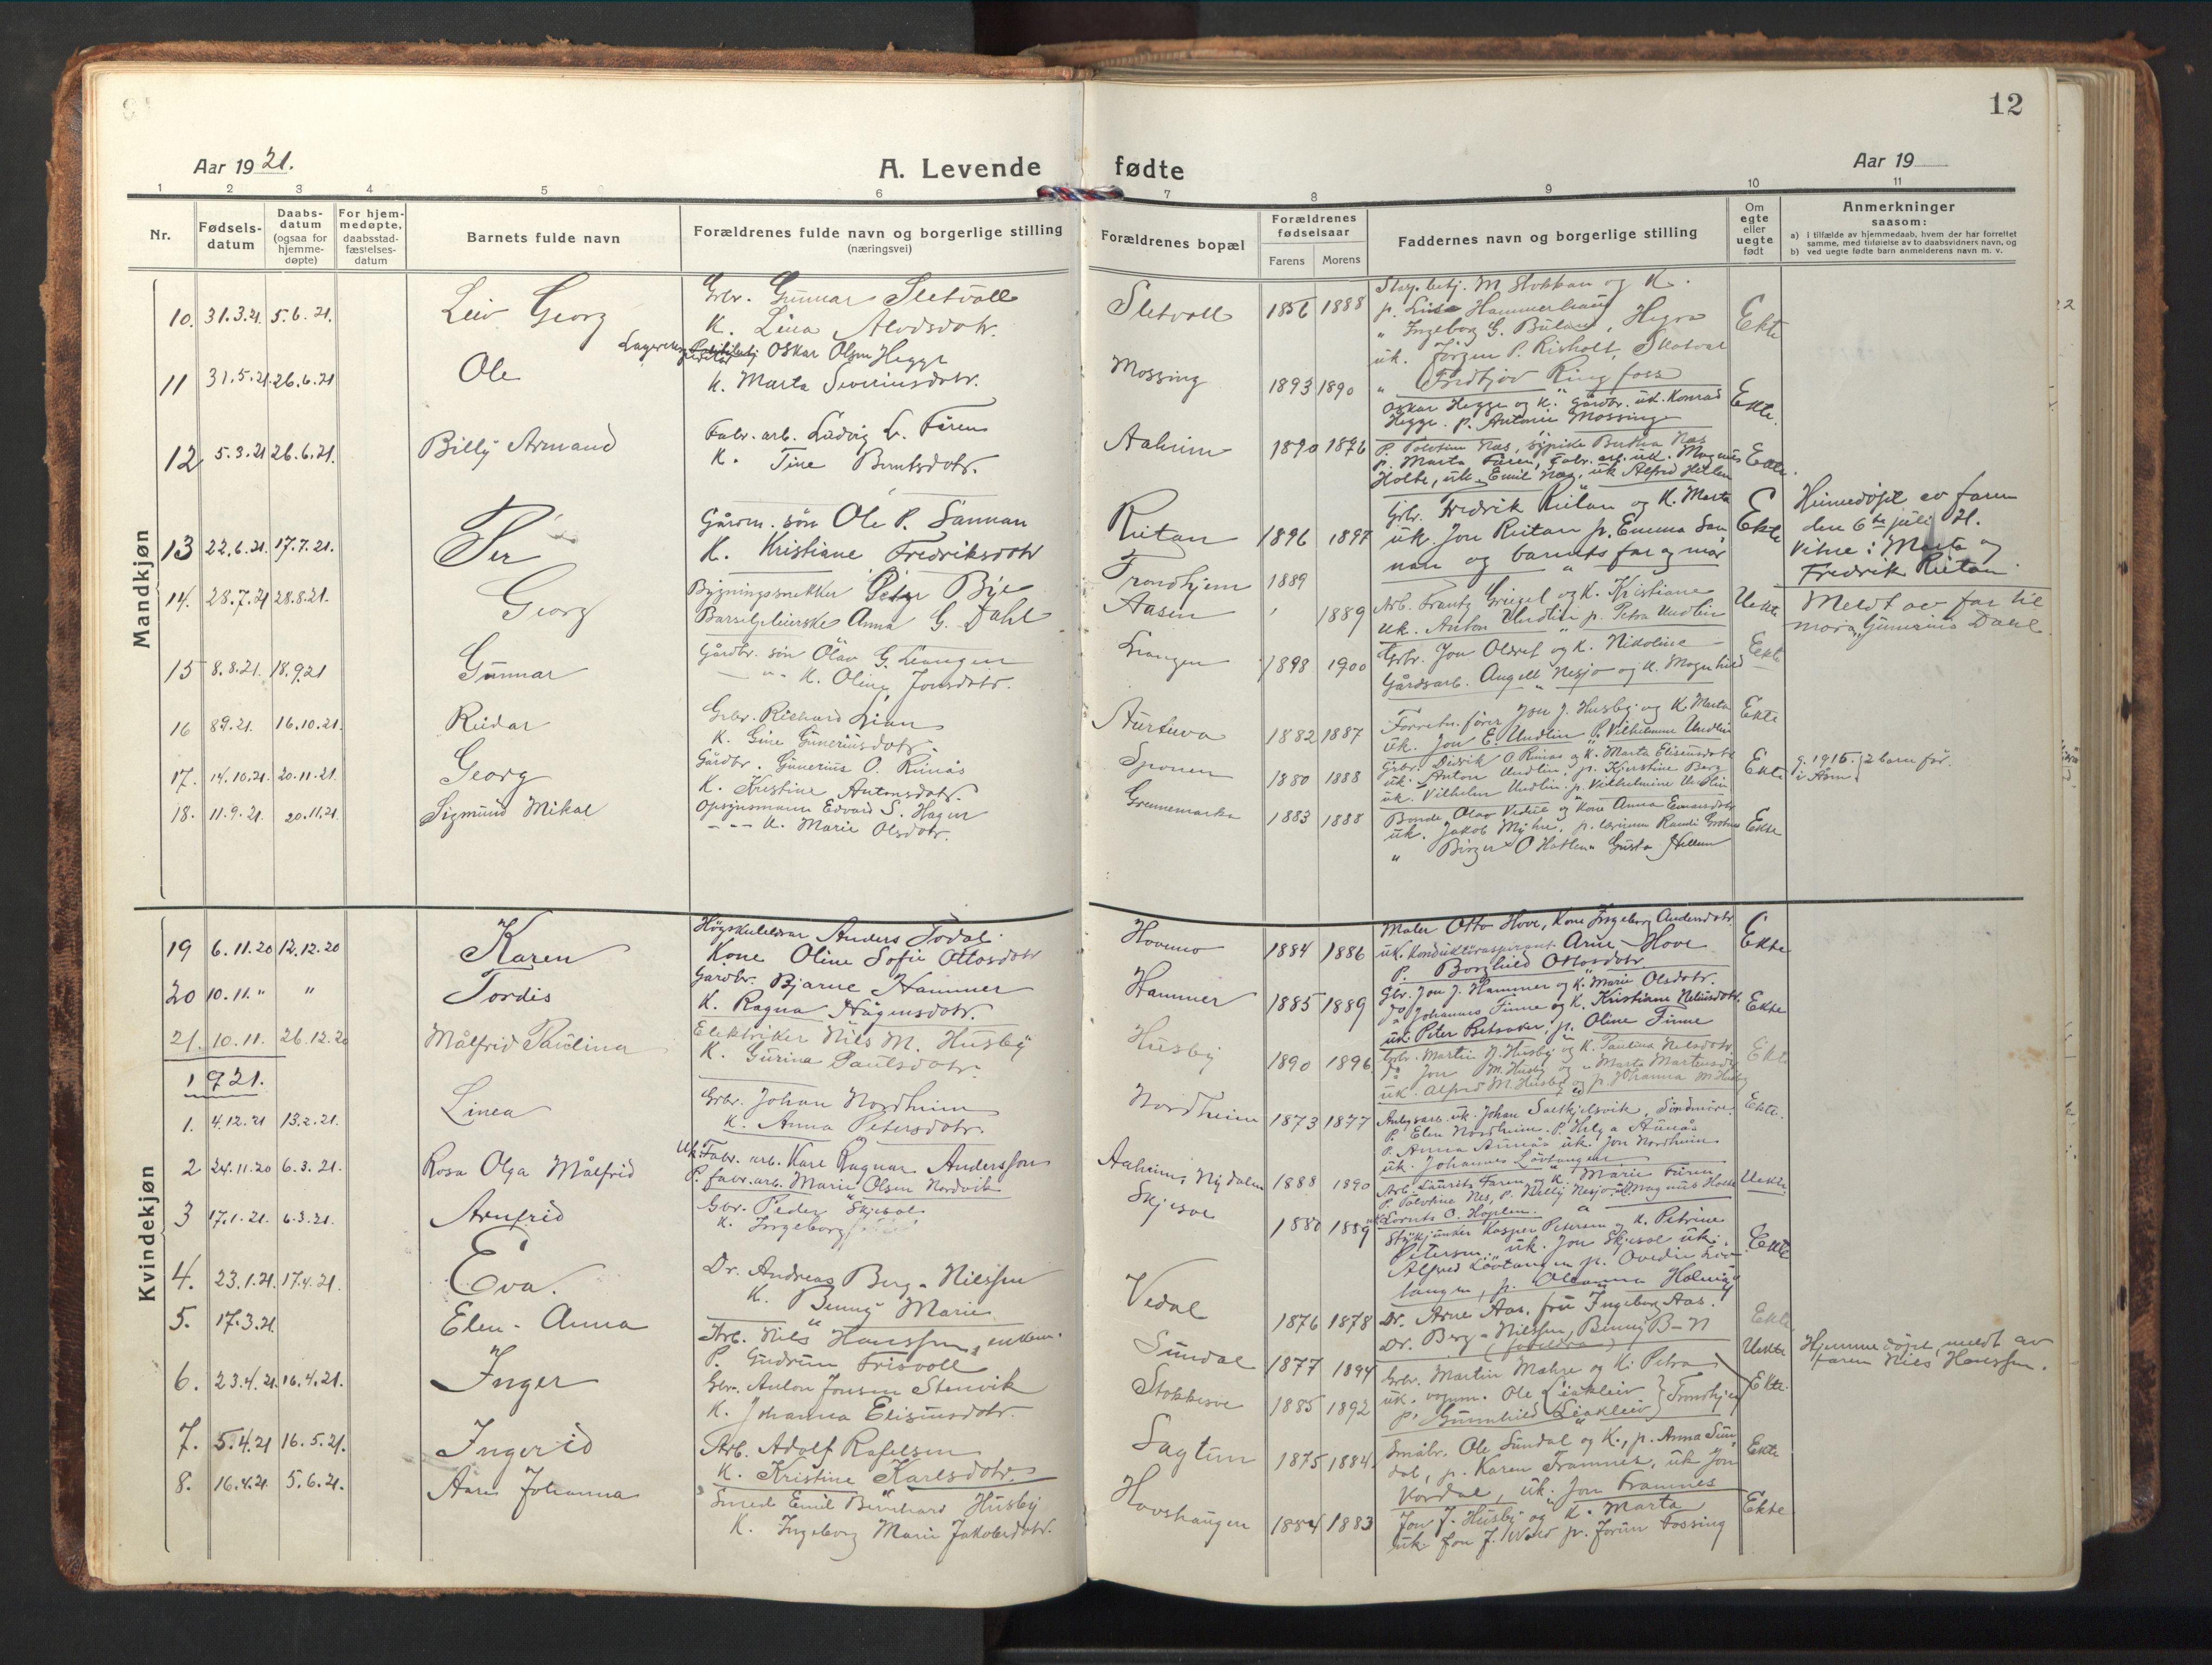 SAT, Ministerialprotokoller, klokkerbøker og fødselsregistre - Nord-Trøndelag, 714/L0136: Klokkerbok nr. 714C05, 1918-1957, s. 12